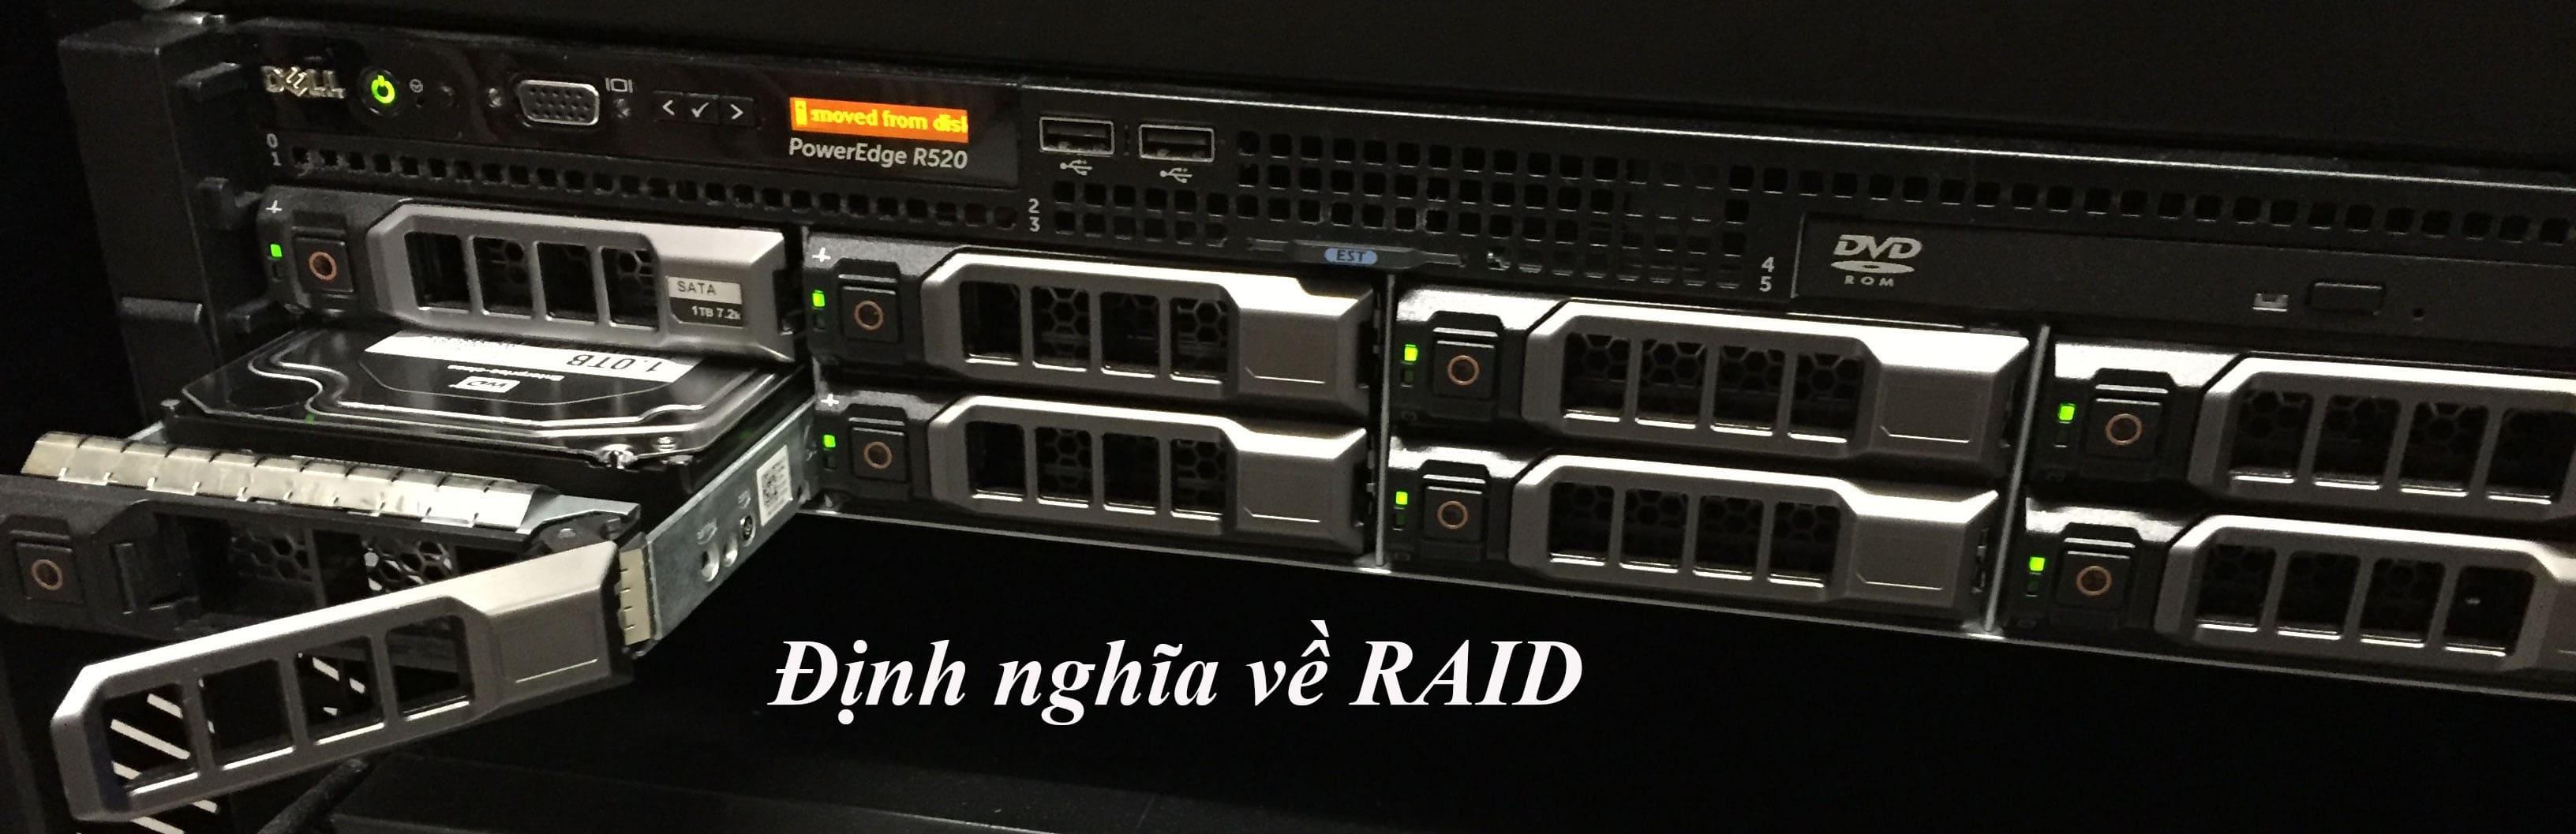 Khái niệm về RAID và tầm quan trọng của RAID đối với hệ thống Server cho doanh nghiệp